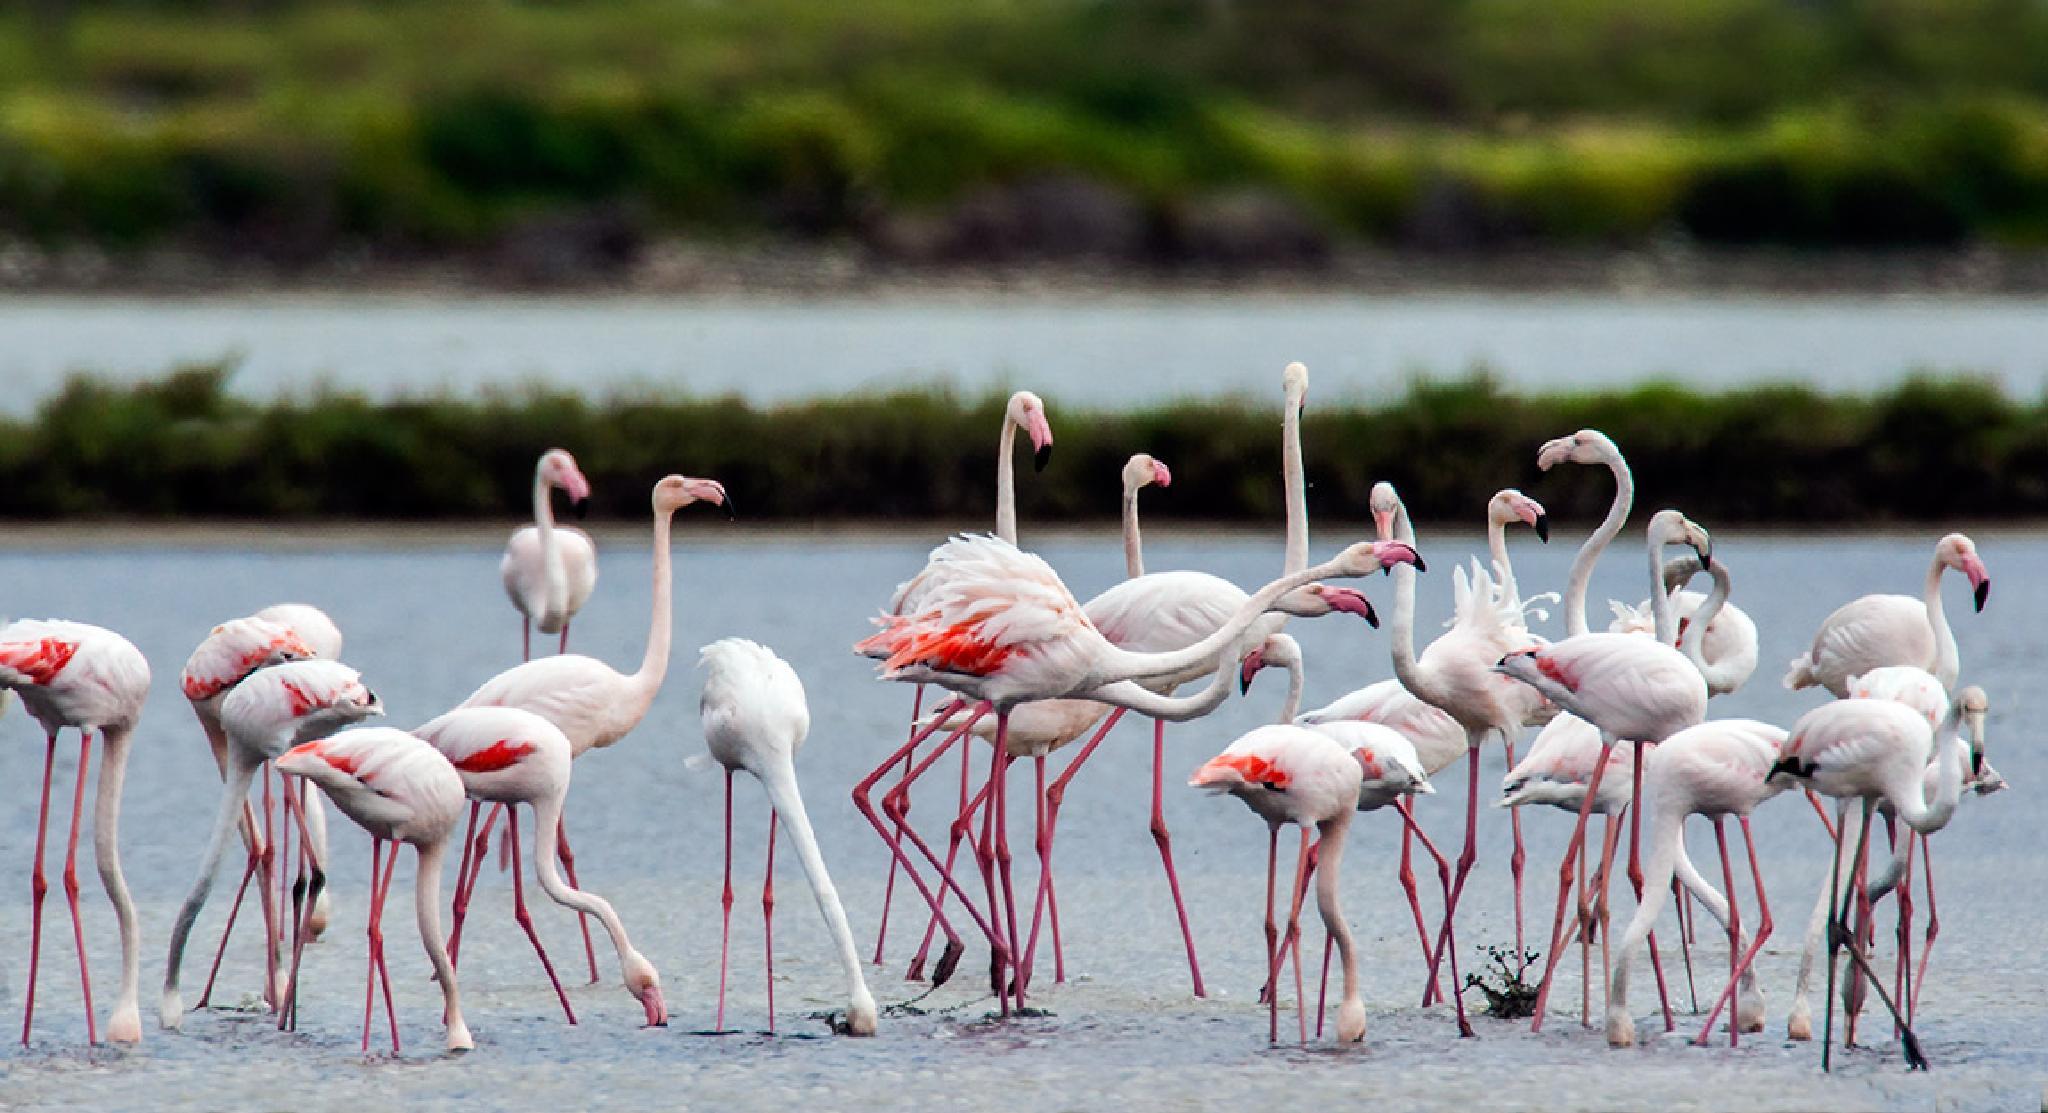 Flamingo  by Sotiris Siomis